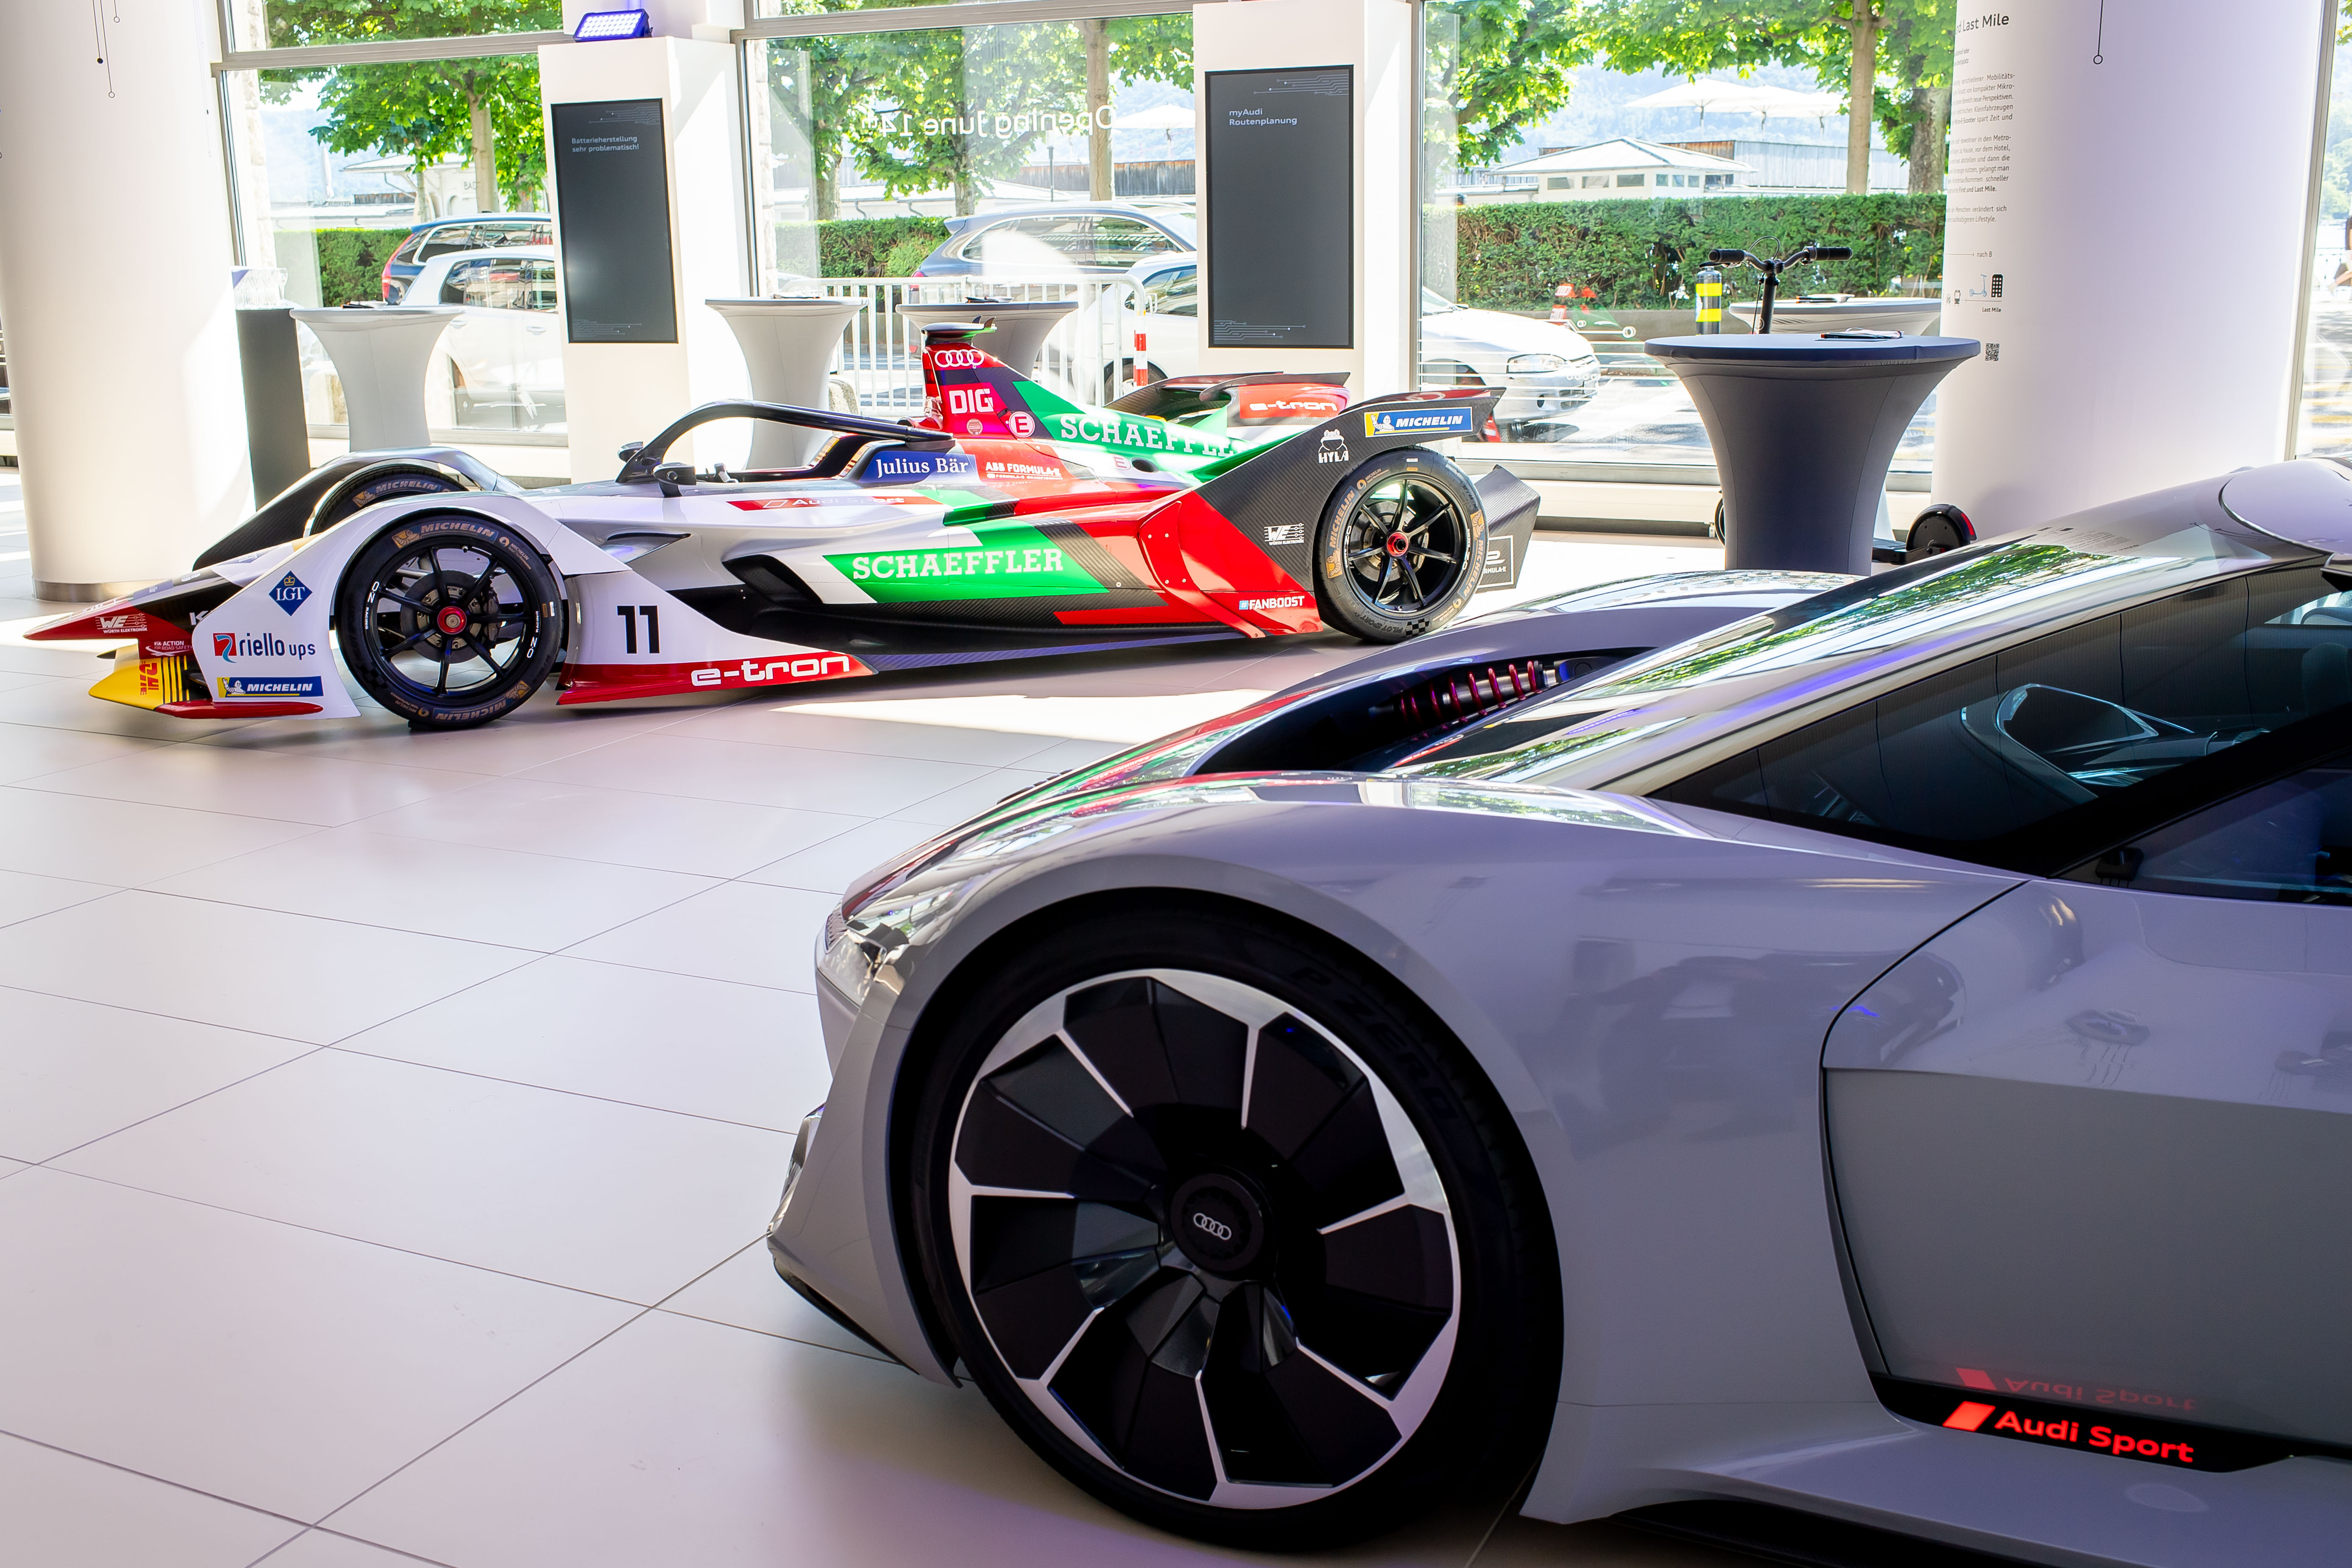 Die Premieren-Schmuckstücke: Die Designstudie Audi PB18 e-tron (rechts) und das Formel-E-Auto Audi e-tron FE05. (Tom Lüthi)